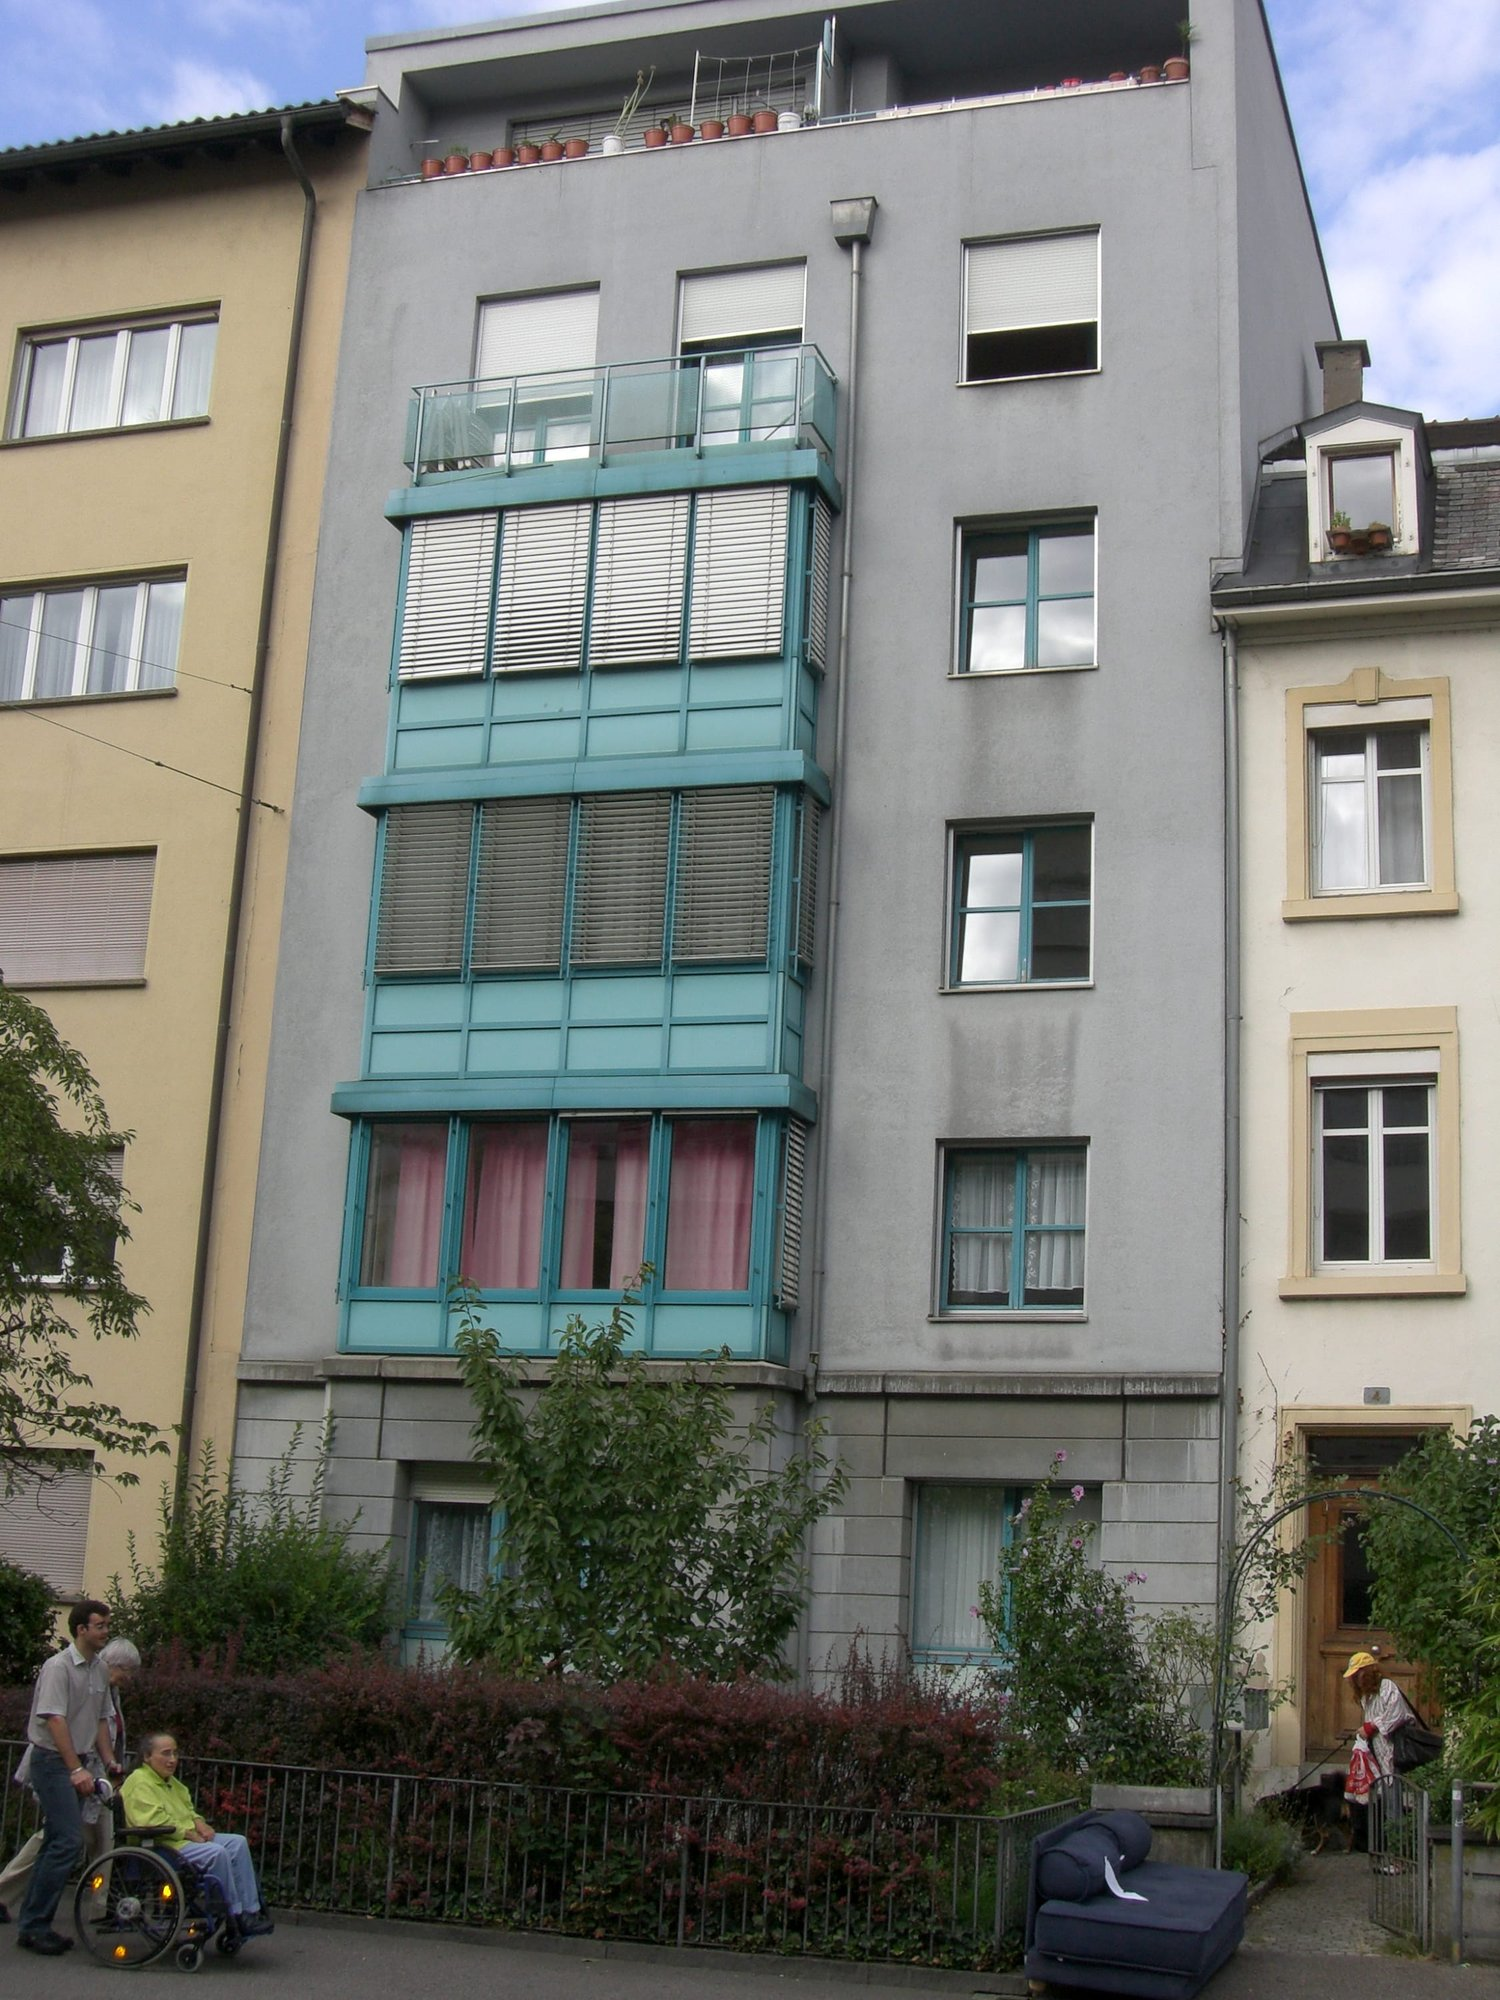 Kannenfeldstrasse 5